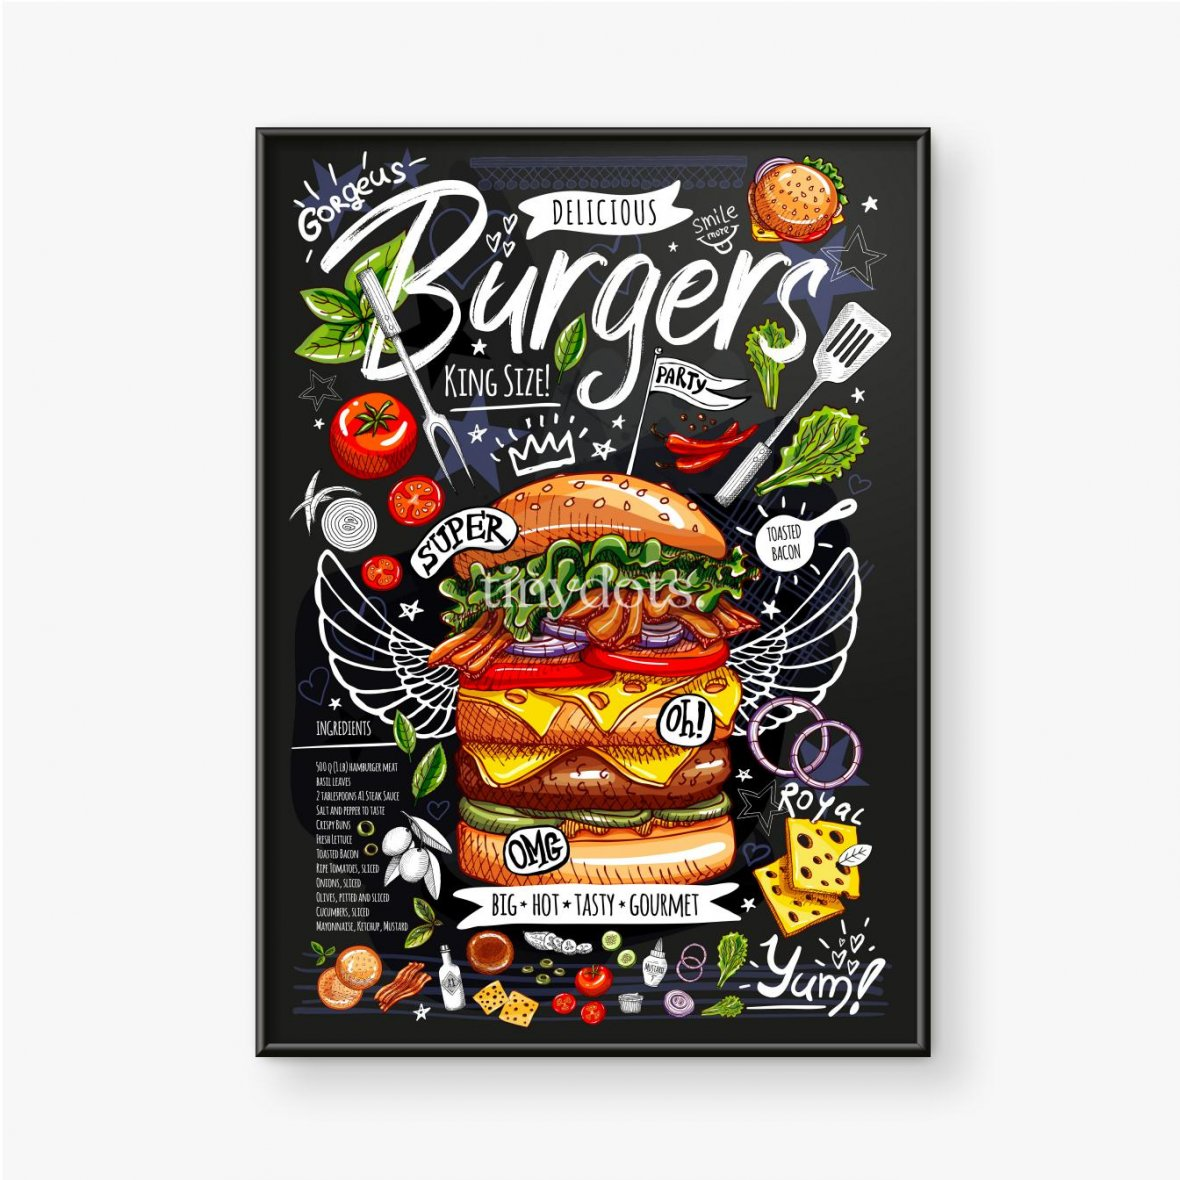 Gerahmtes Poster Ein riesiger Burger und Zutaten um ihn herum auf einem dunklen Hintergrund